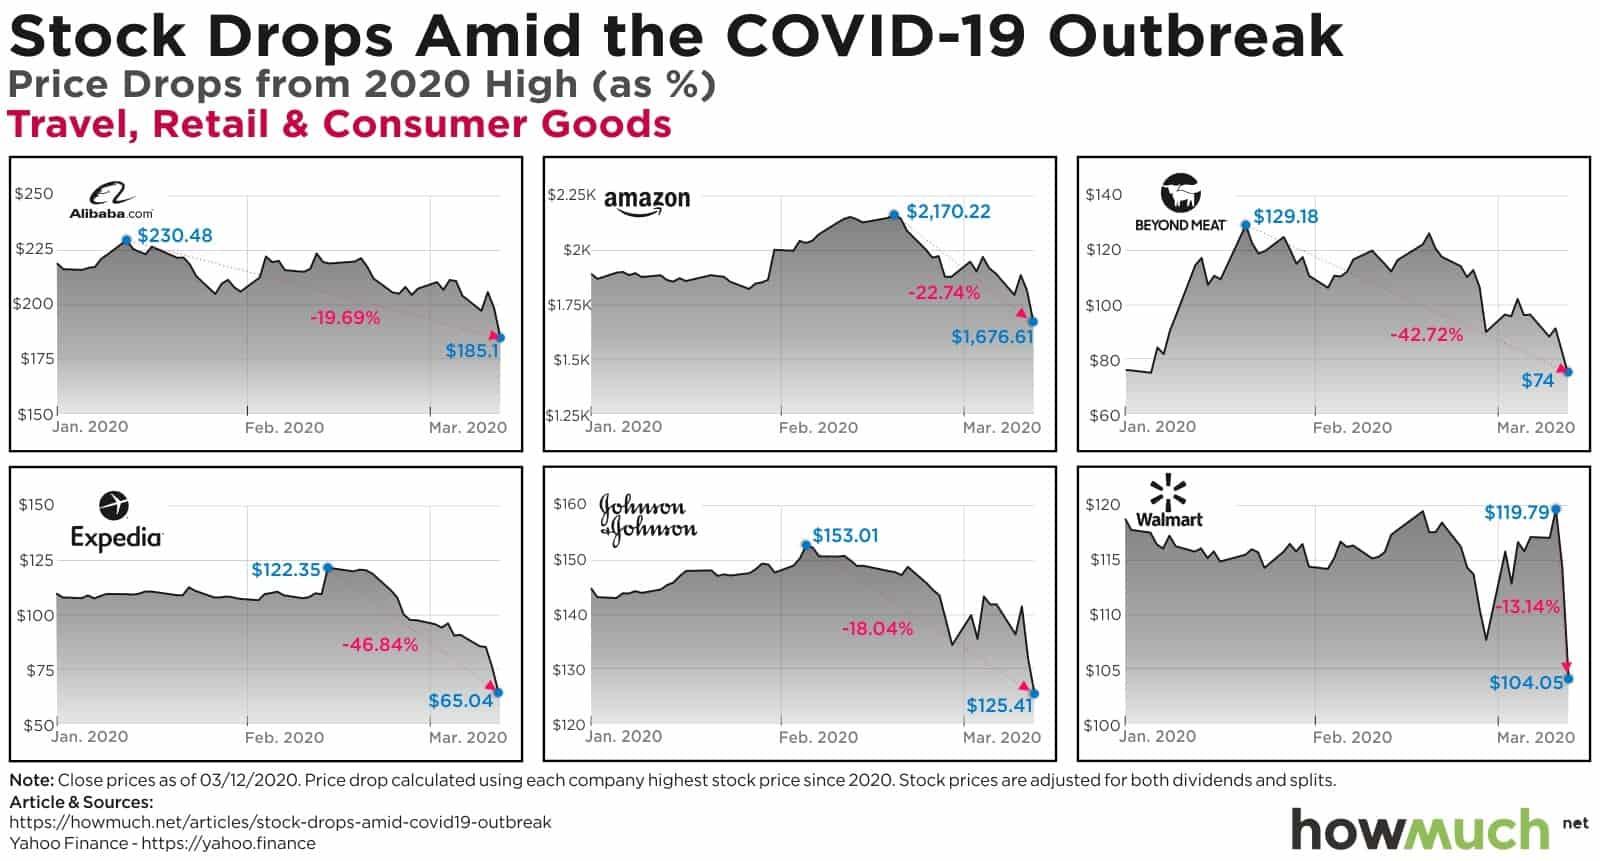 EEUU valores desplome covid-19 - 03